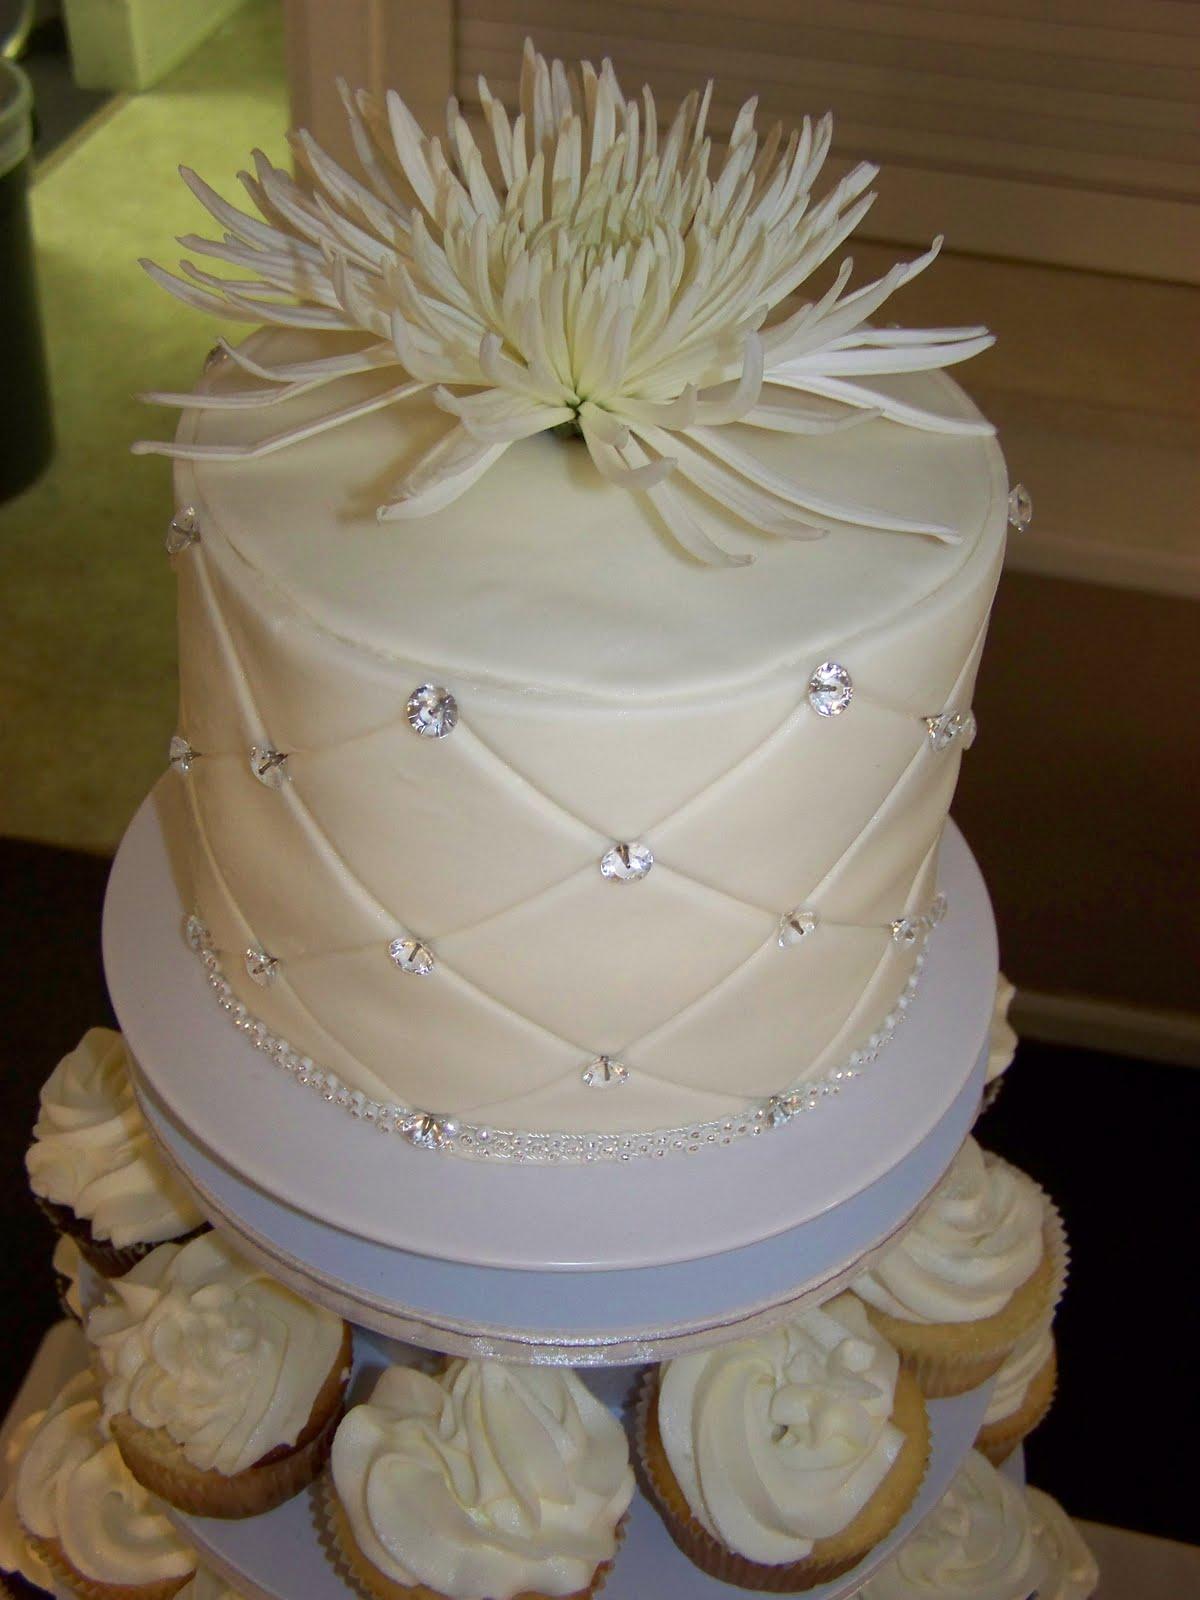 Cake A Licious Diamond Anniversary Cake Amp Cupcake Tower